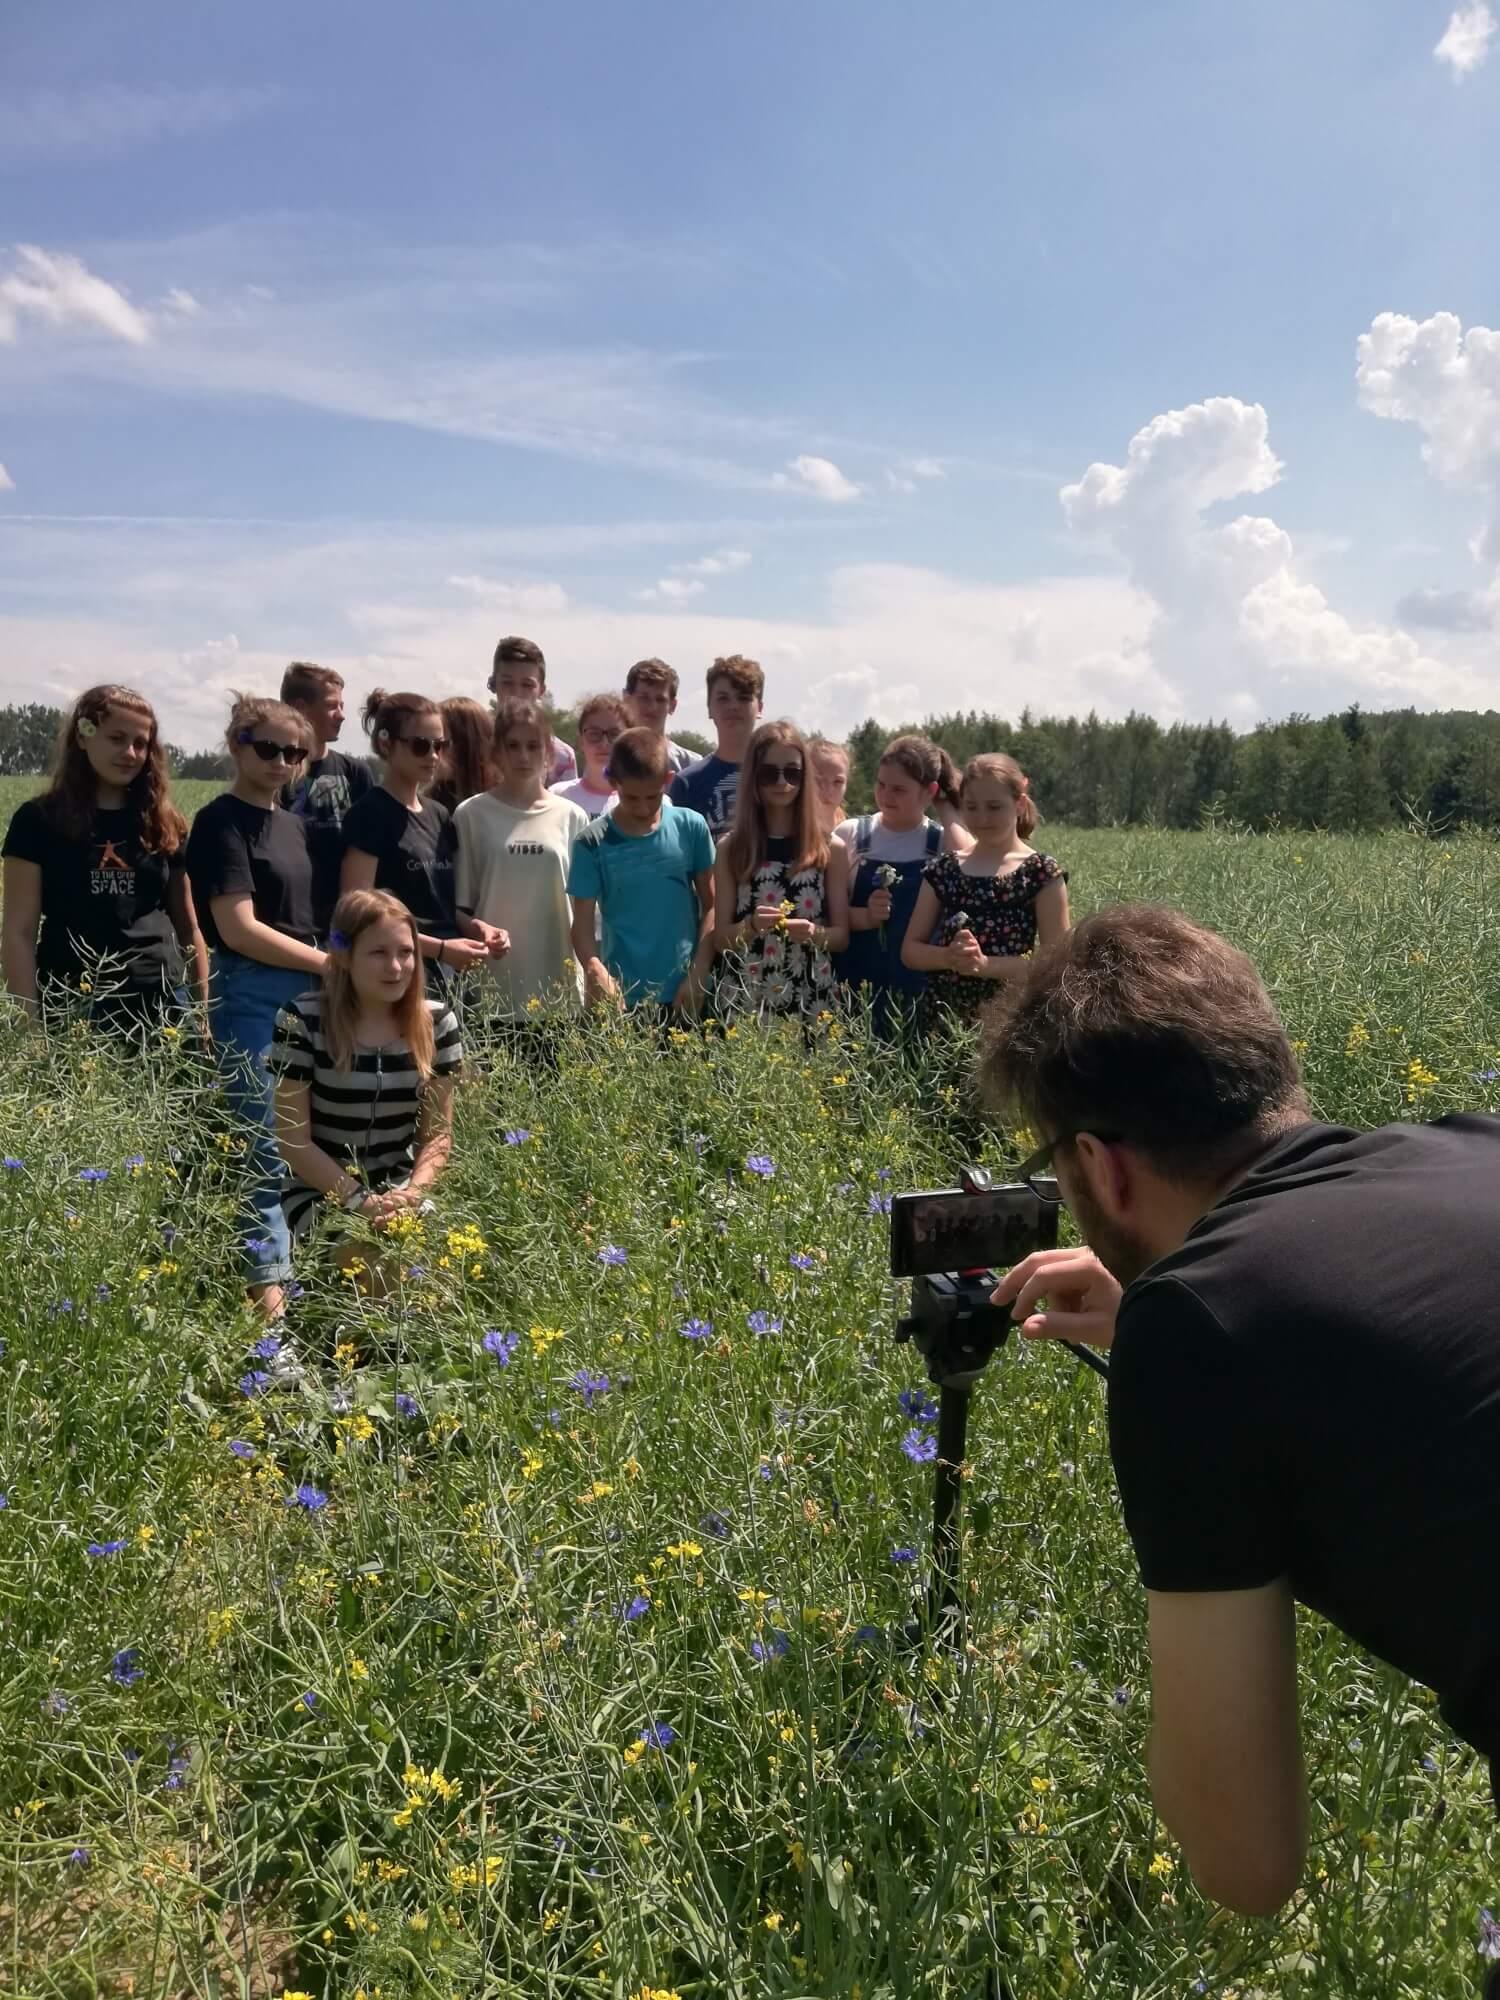 Szkoła podstawowa im. Mikołaja Kopernika w Wilkowie 2019